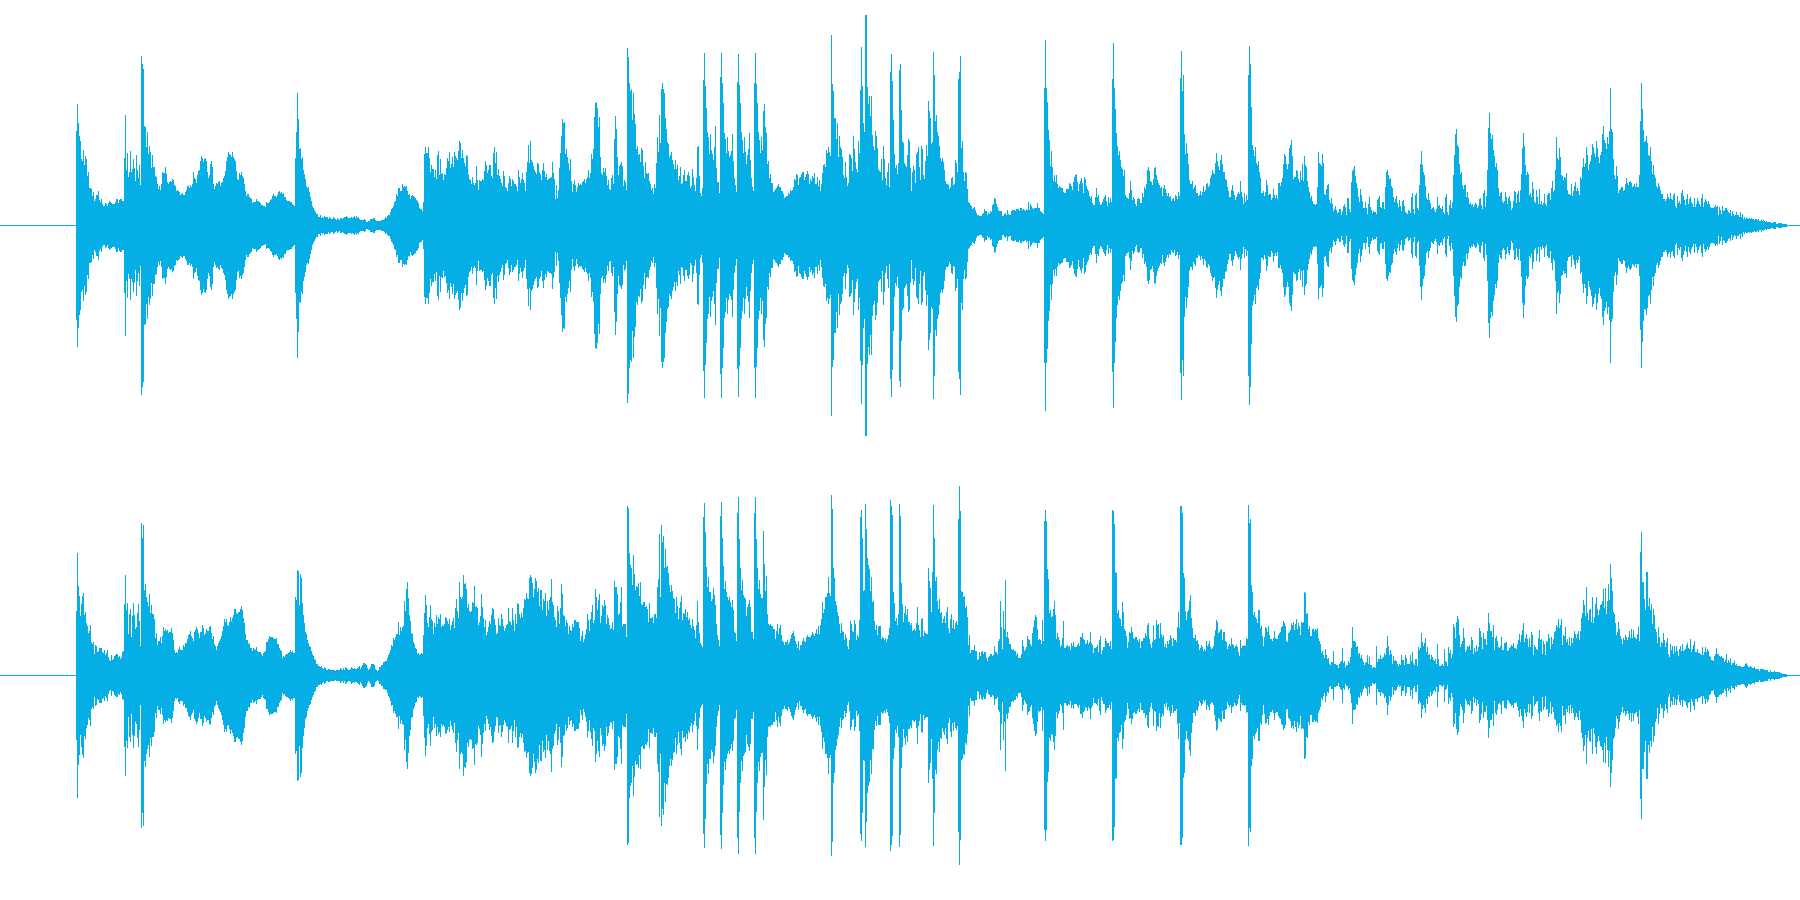 クライマックスの壮大なオーケストラの再生済みの波形